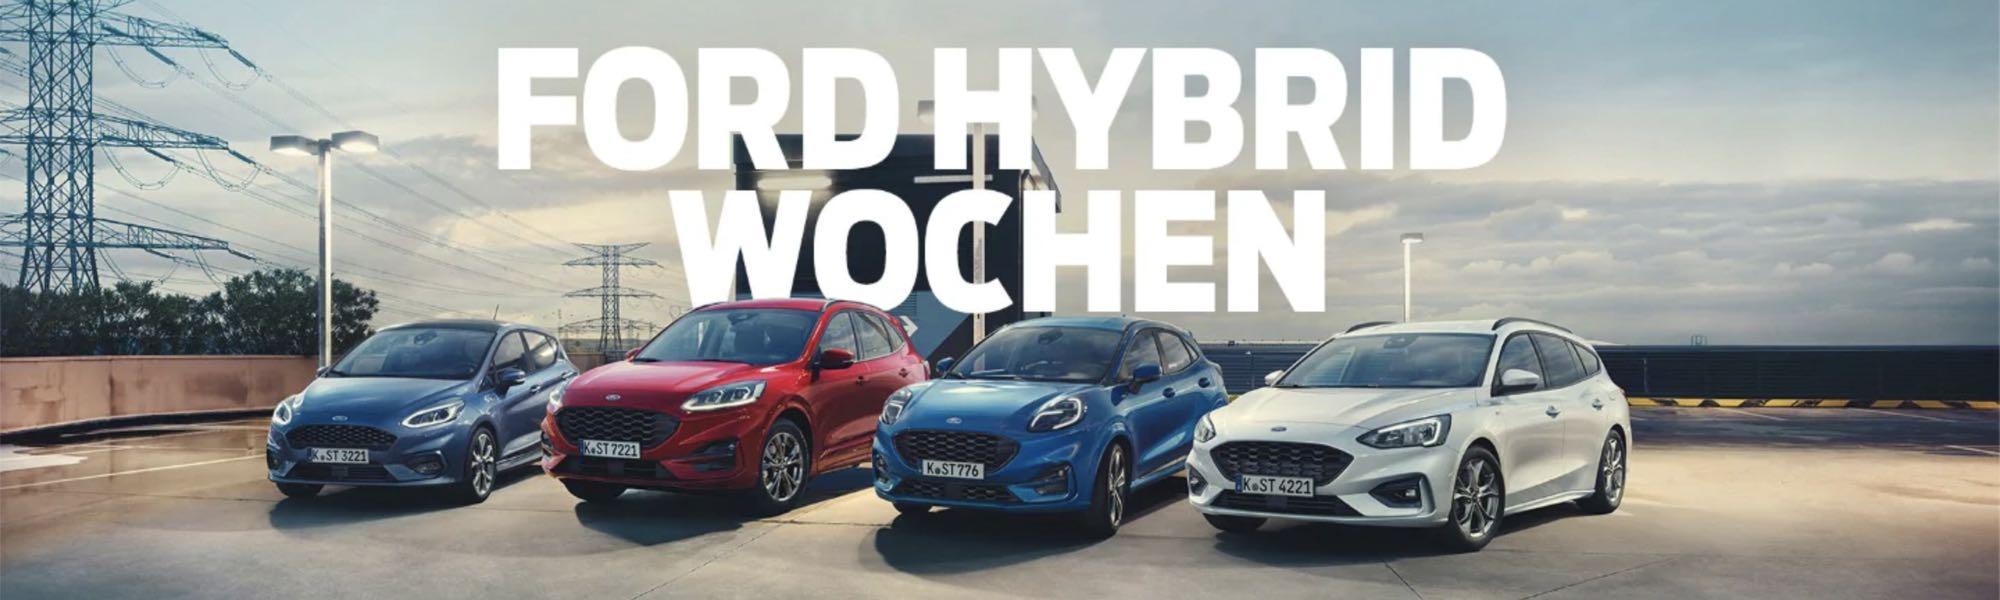 Ford Hybrid-Wochen